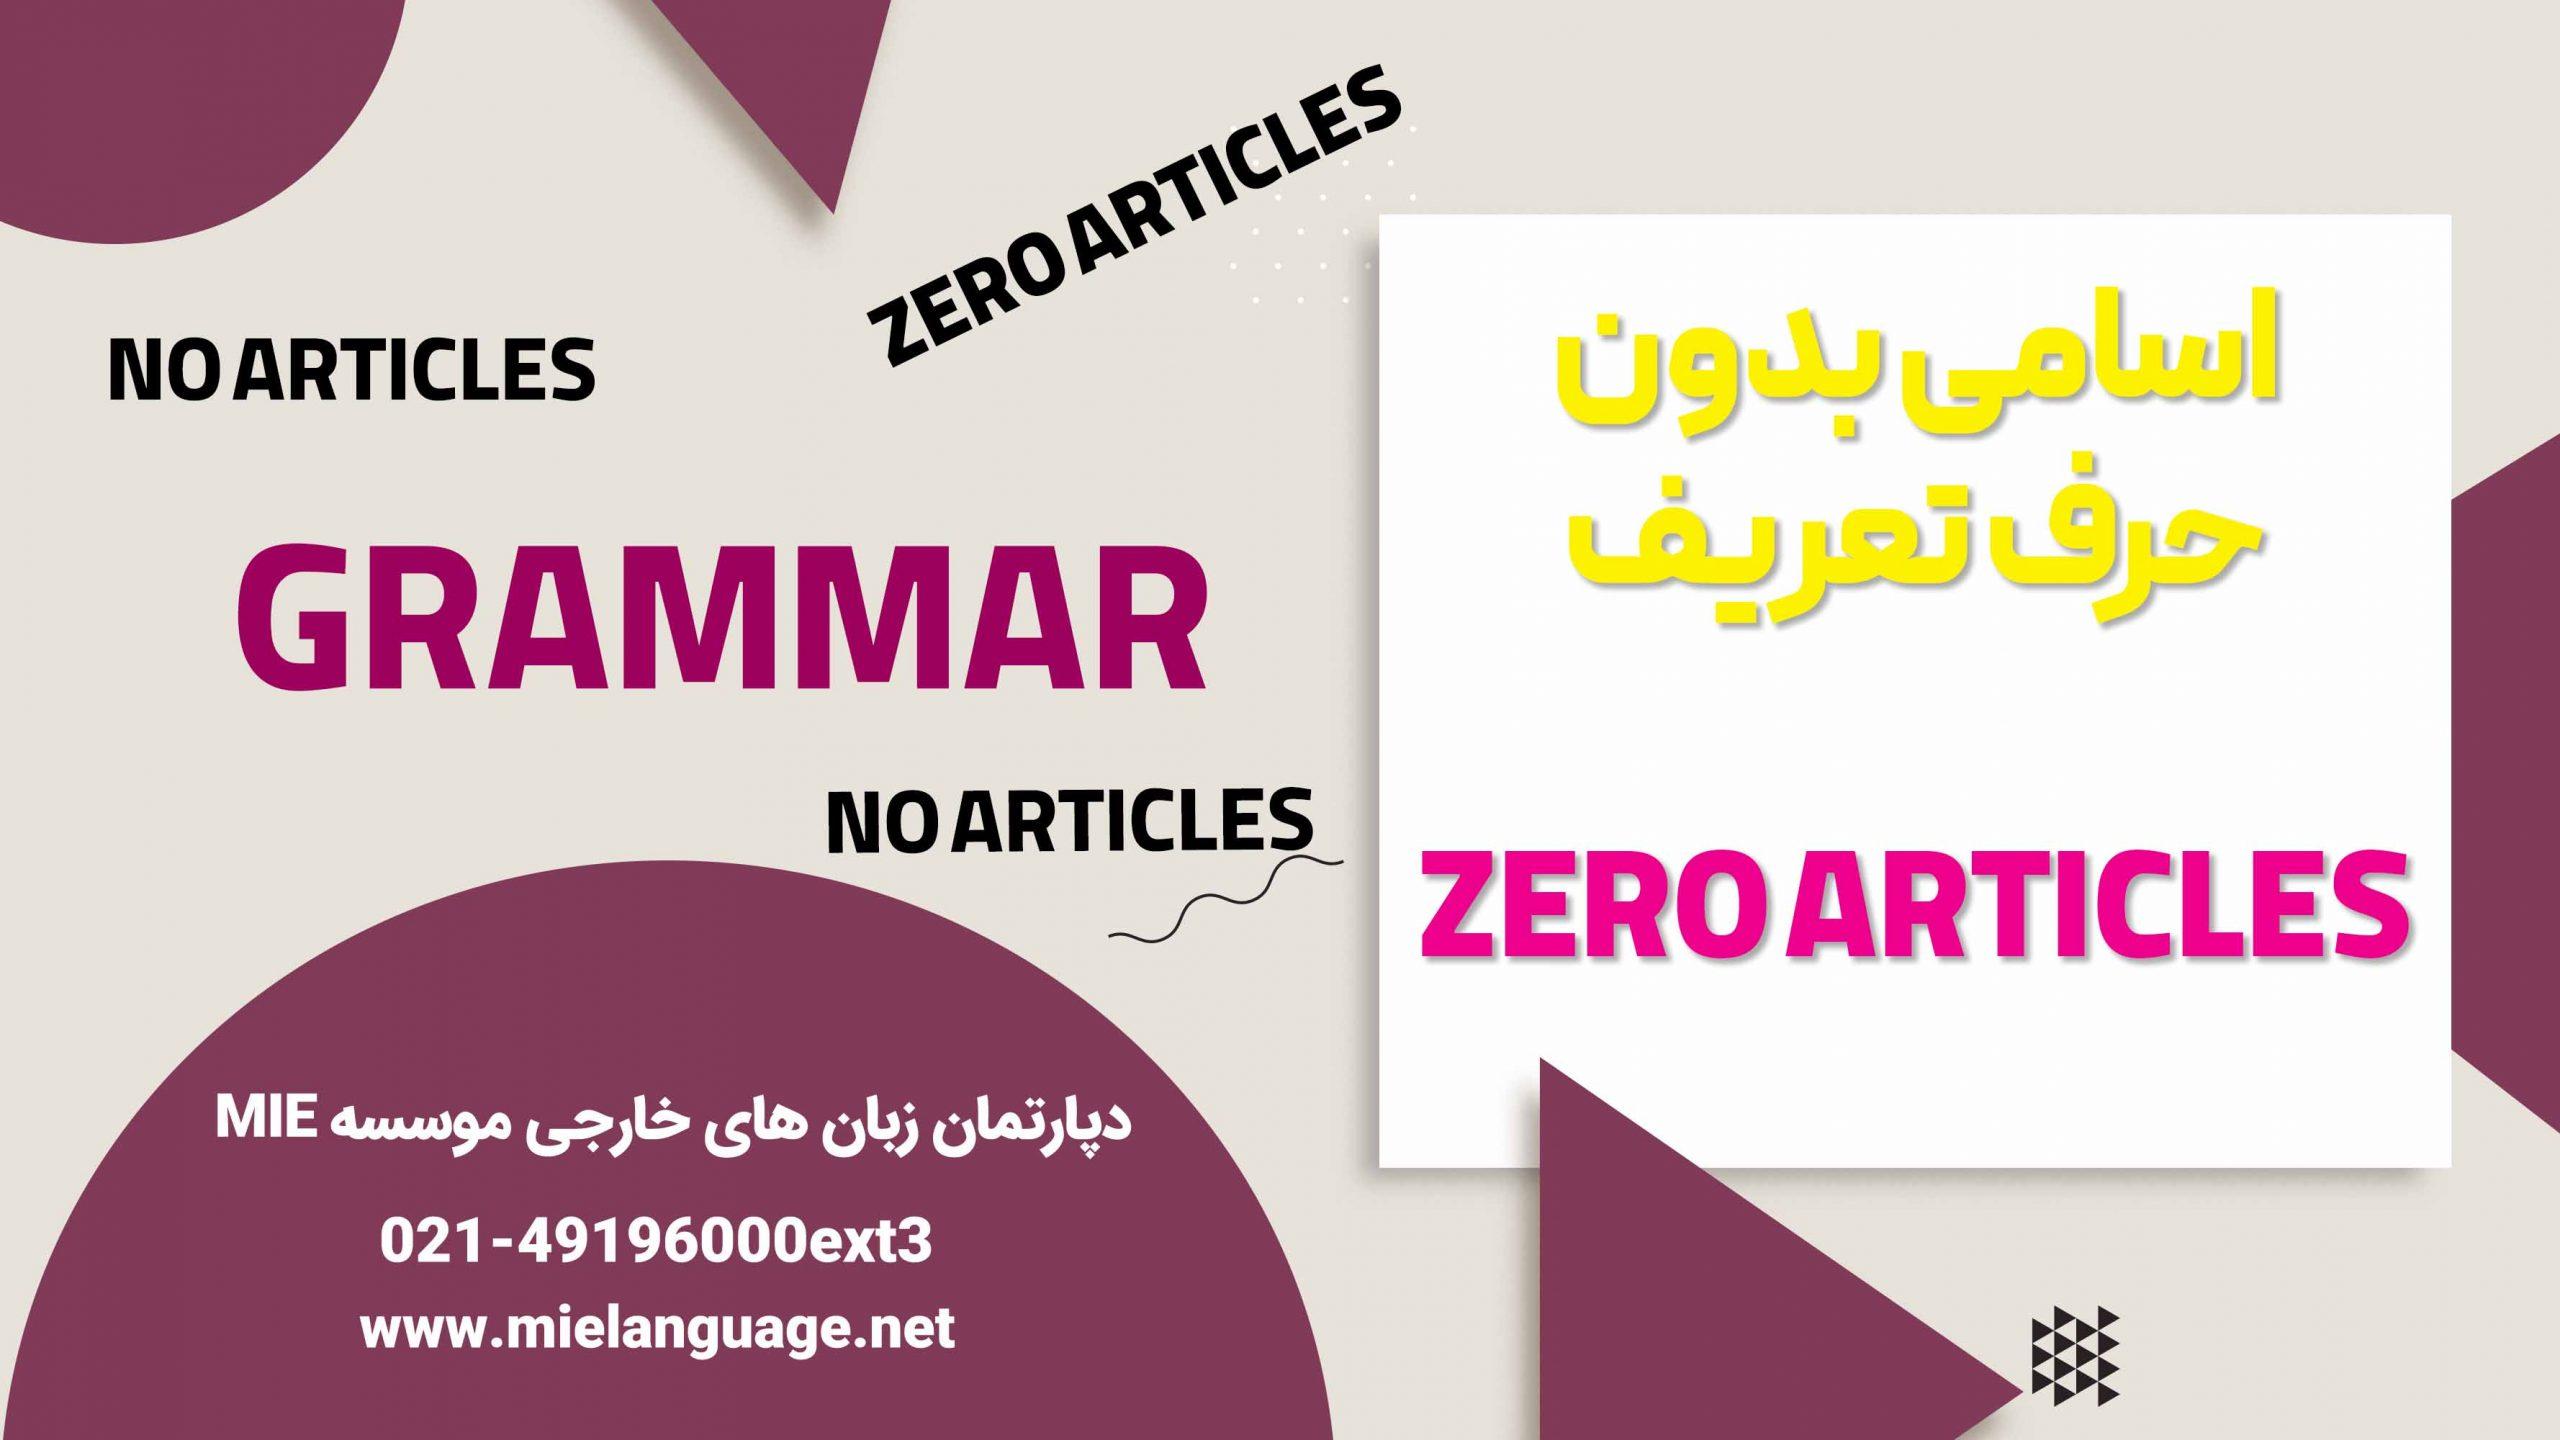 کاربرد های اسامی بدون حرف تعریف در زبان انگلیسی